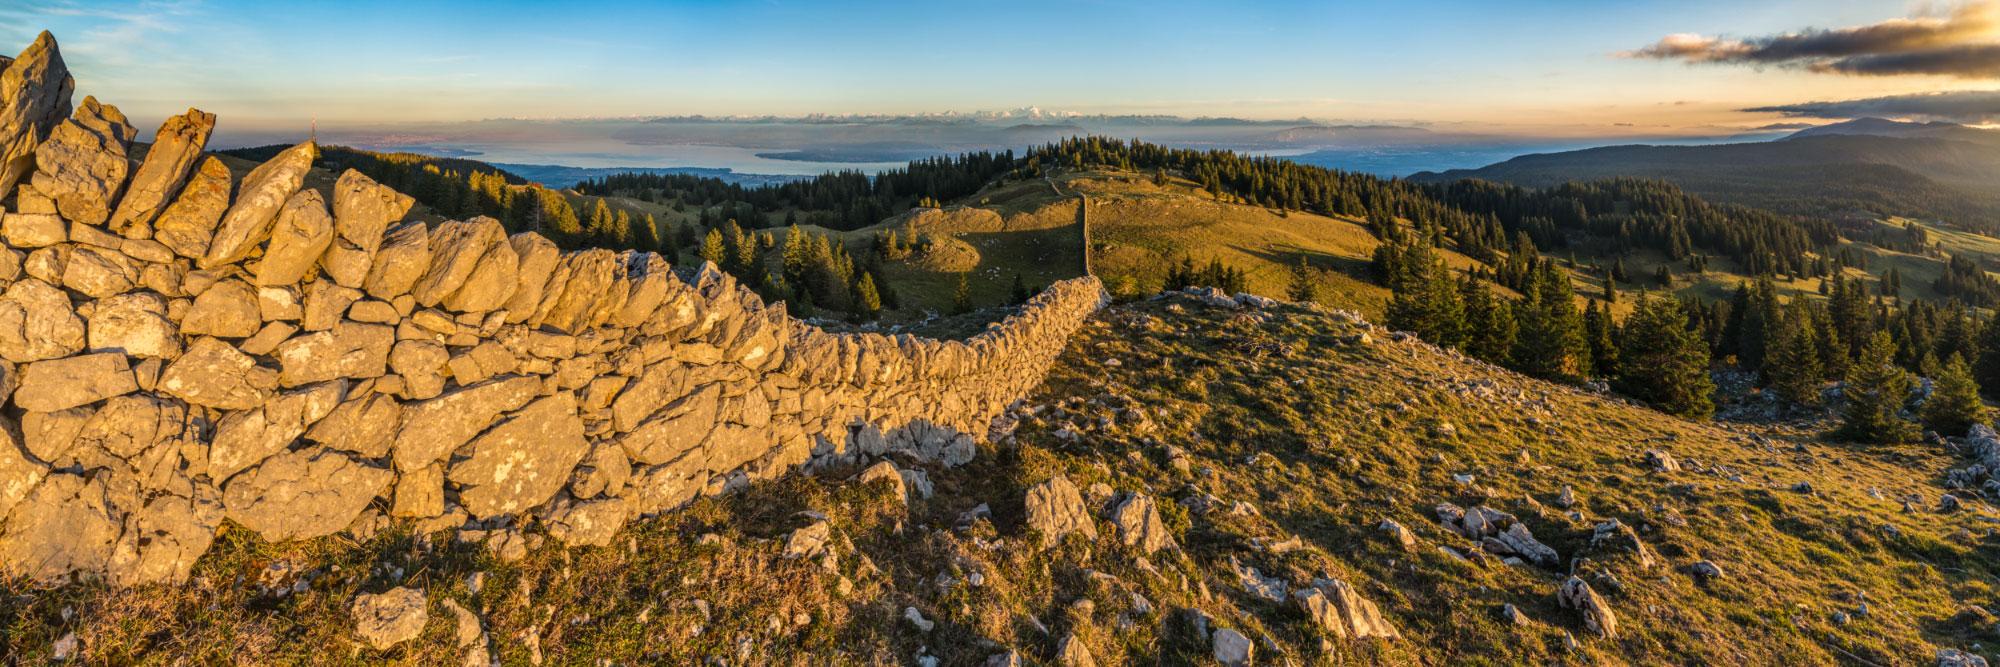 Crêtes du Haut-Jura et Mont-Blanc, Les Rousses (France) - La Dôle (Suisse)